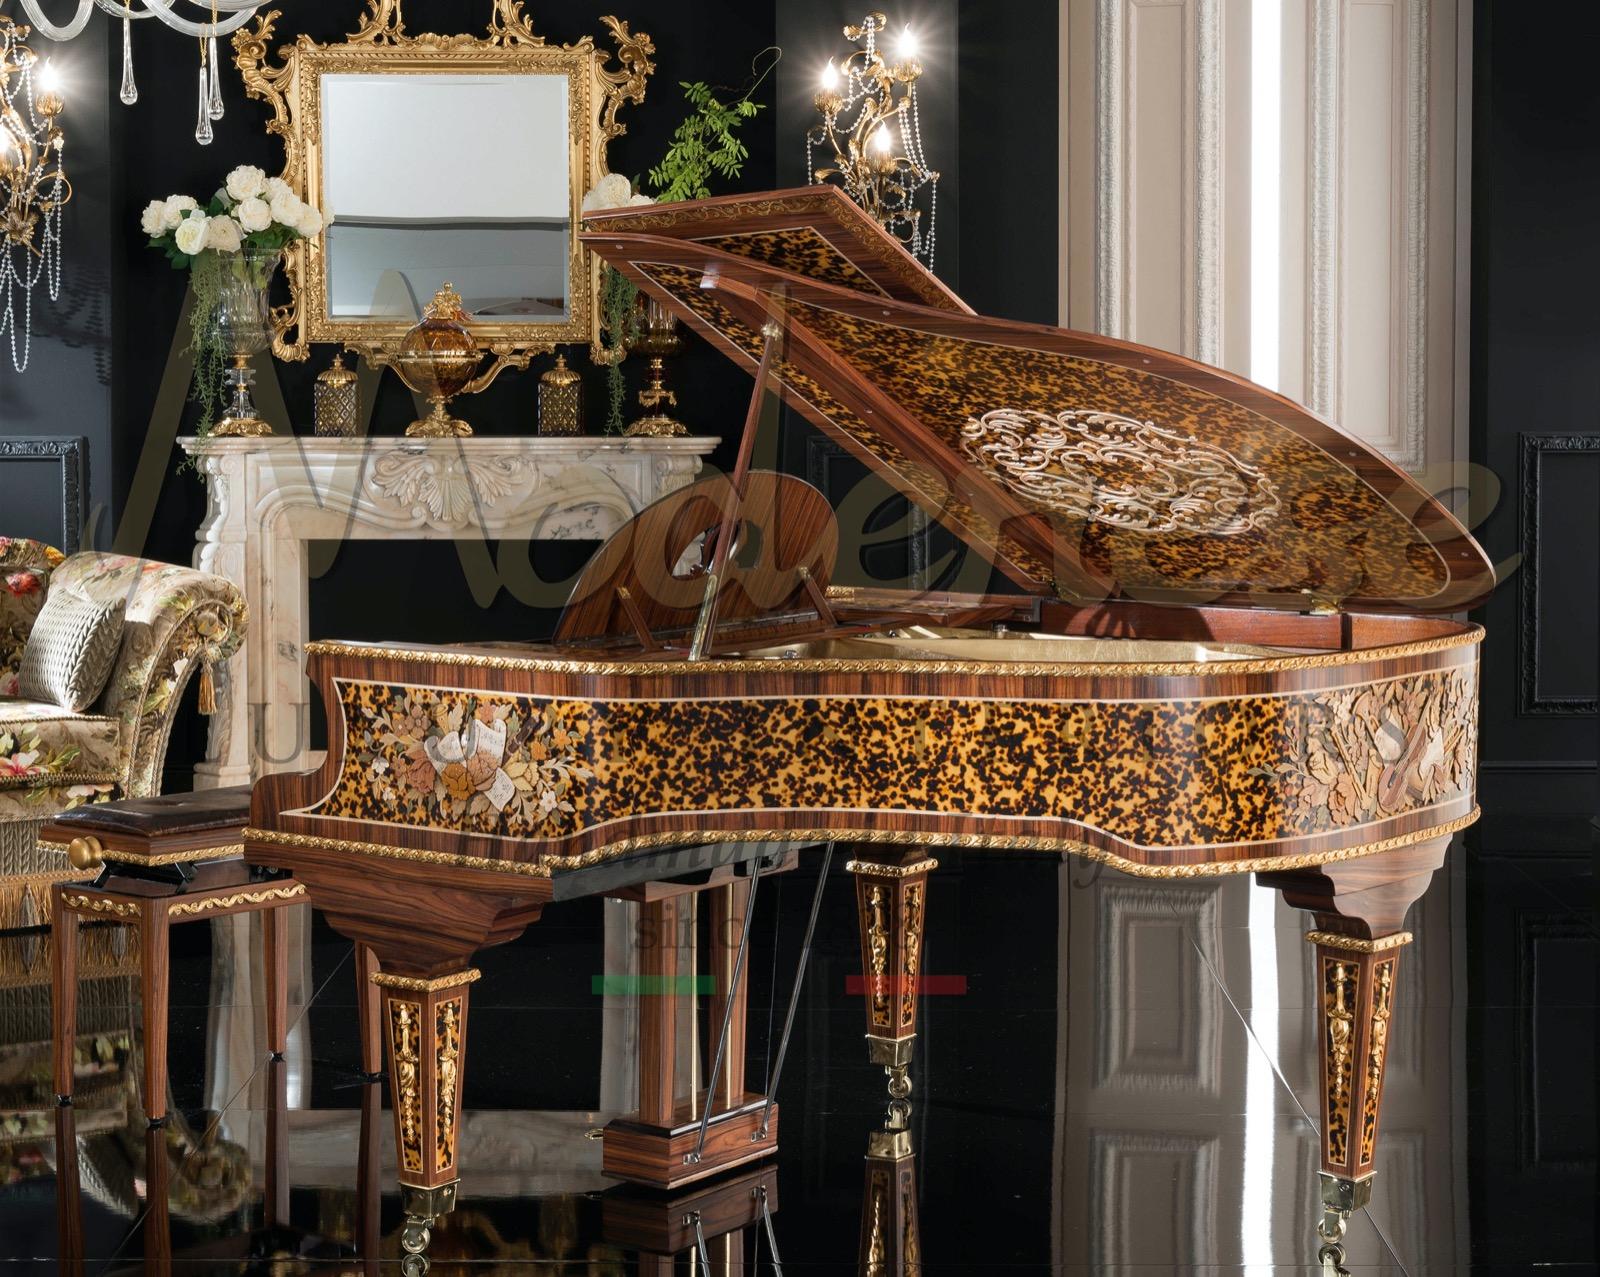 музыка страстная роскошь пианино королевский классический стиль отреставрированный Steinway Bernstein вилла дворец проект индивидуальные проекты дизайн интерьера